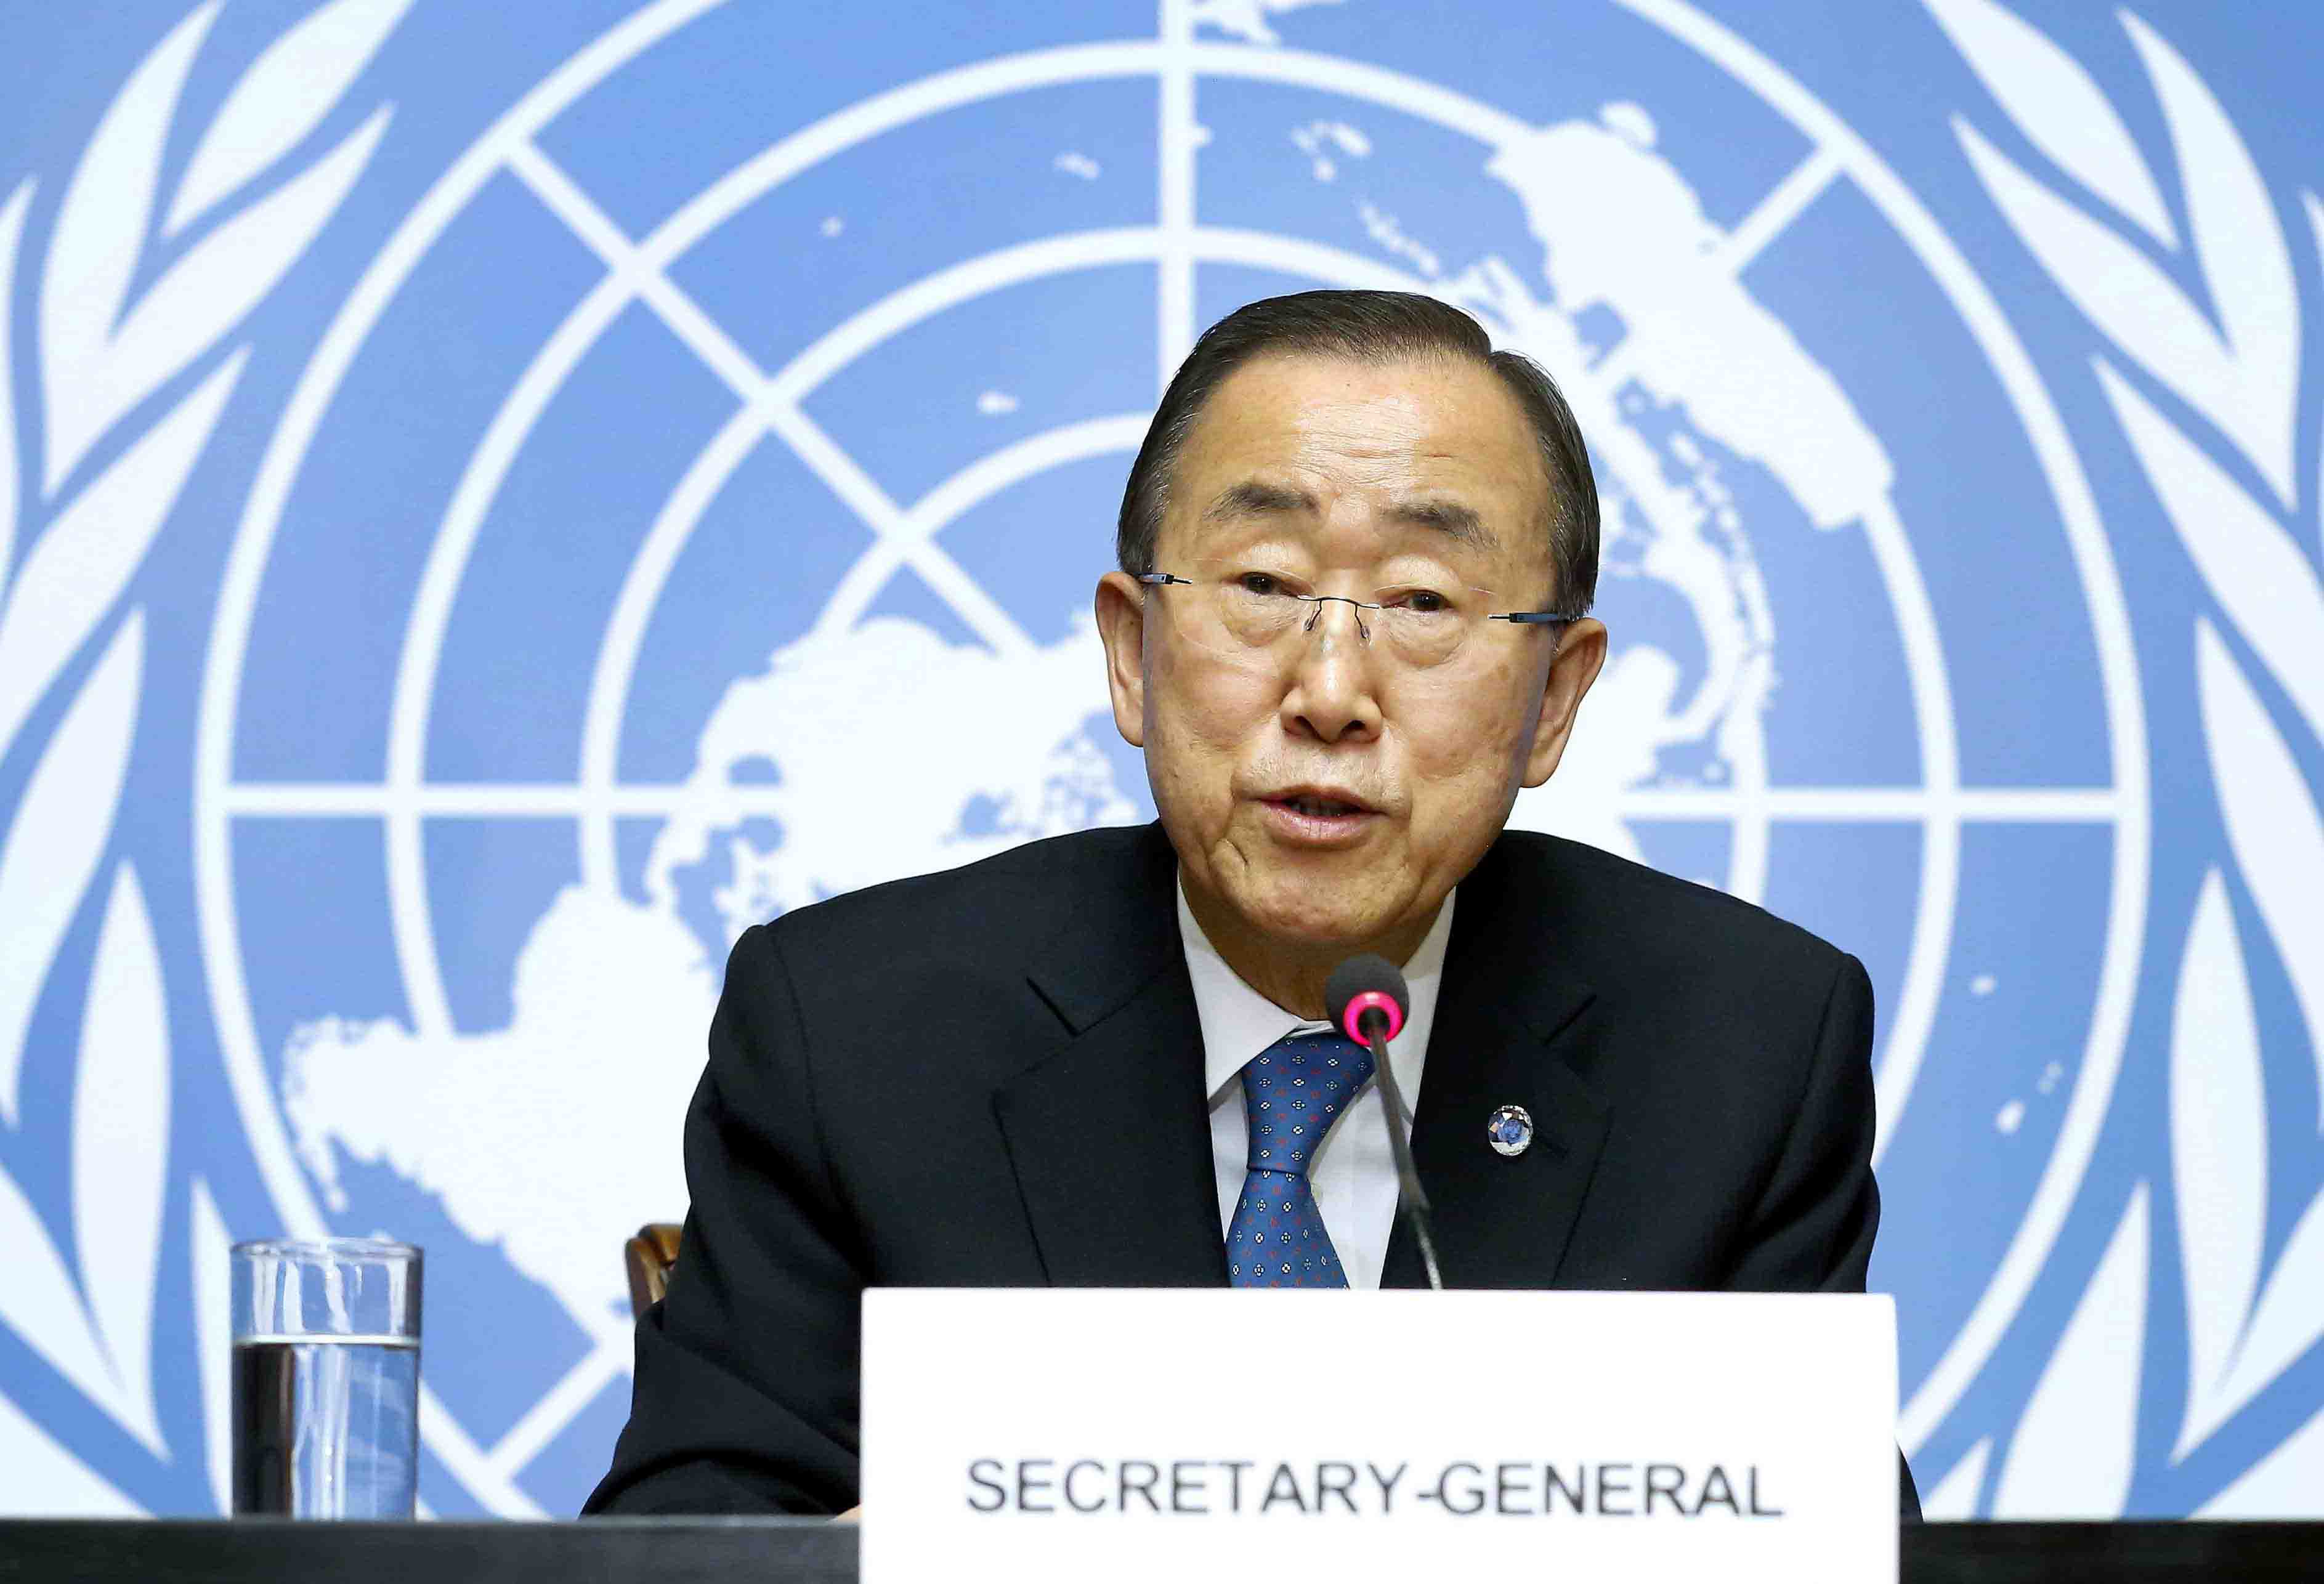 El Secretario General de la ONU pidió al Gobierno y a la oposición venezolana a comprometerse con el dialogo y a reducir la polarización